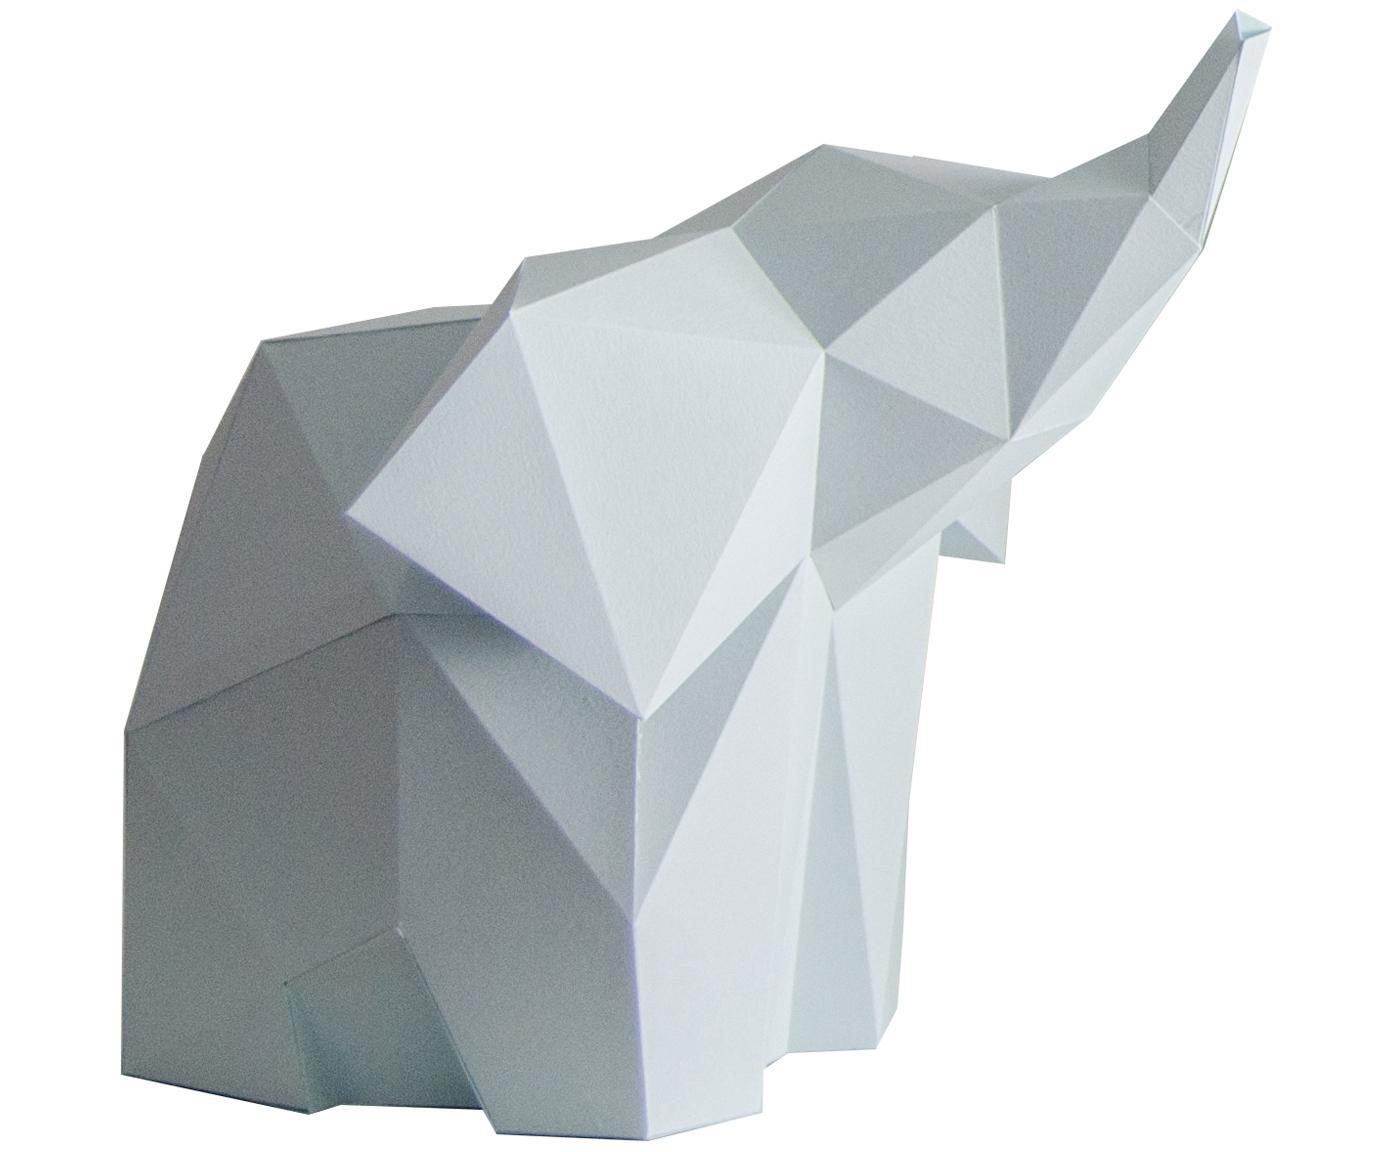 Lampa stołowa z papieru do montażu Baby Elephant, Jasny niebieski, S 23 x W 24 cm